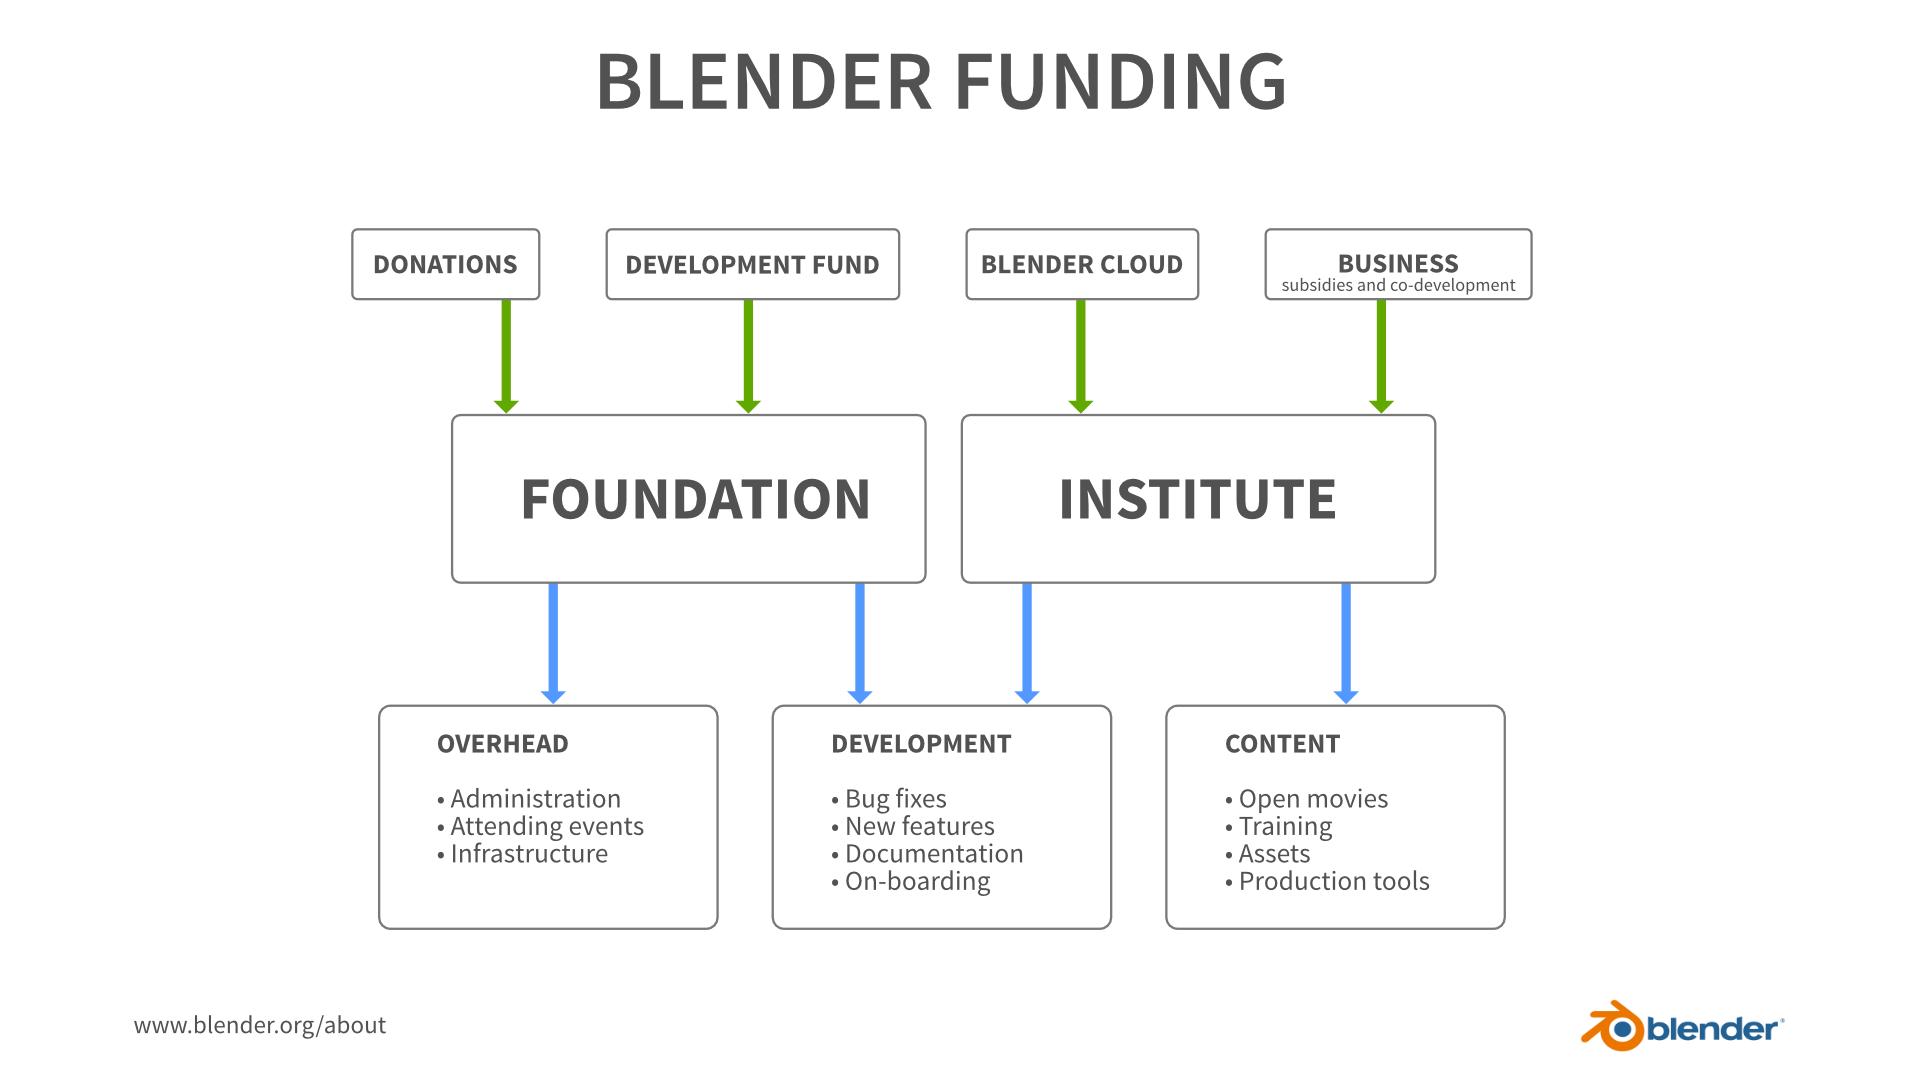 Blender Funding